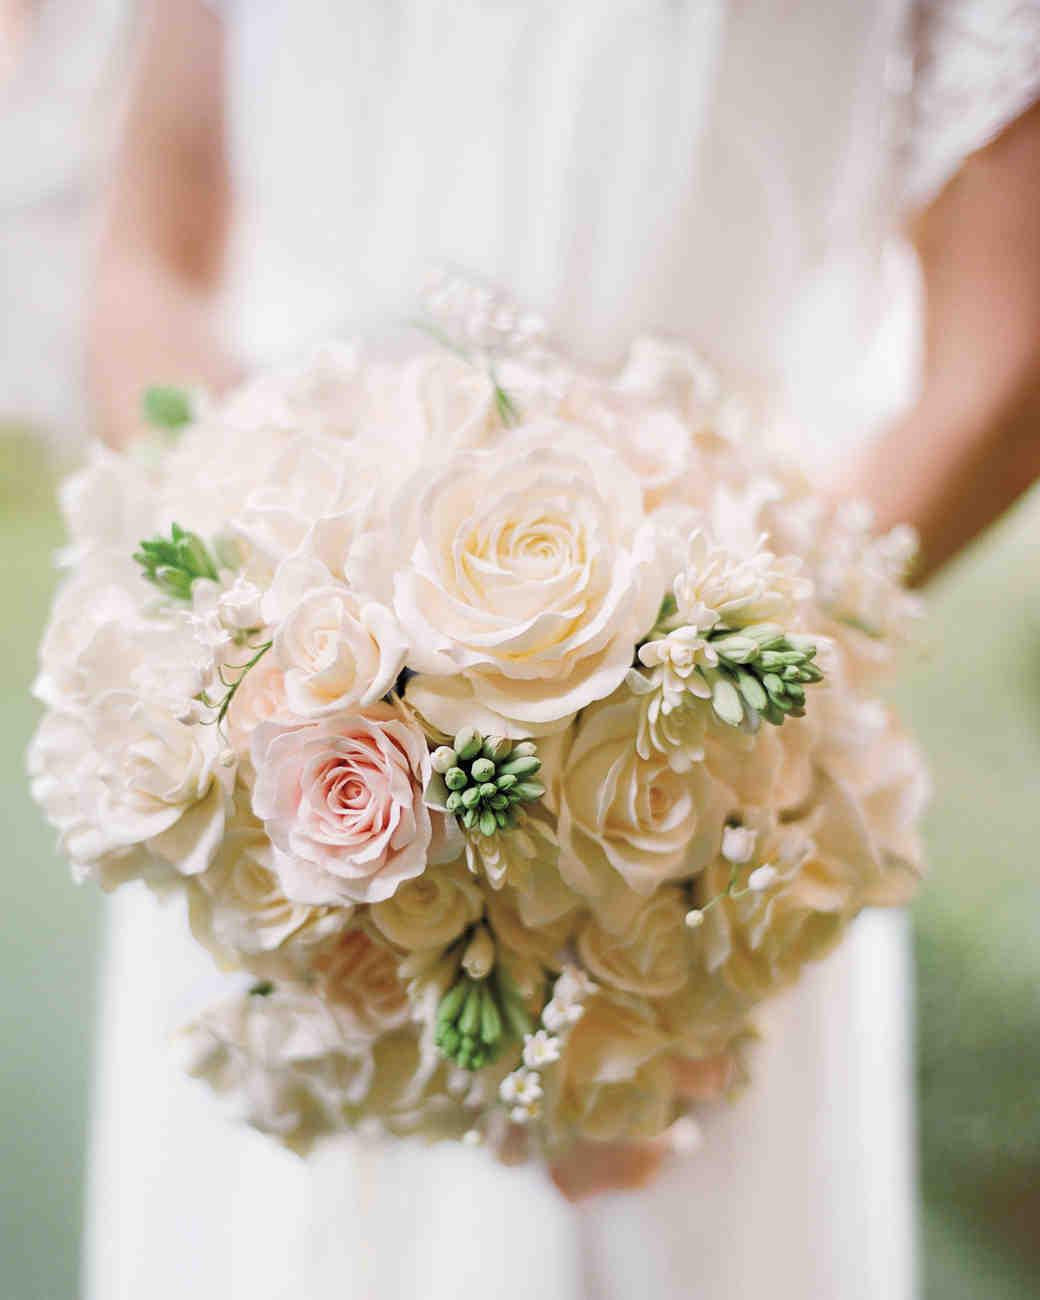 sophie-dan-bouquet-33500016-mwd109864.jpg